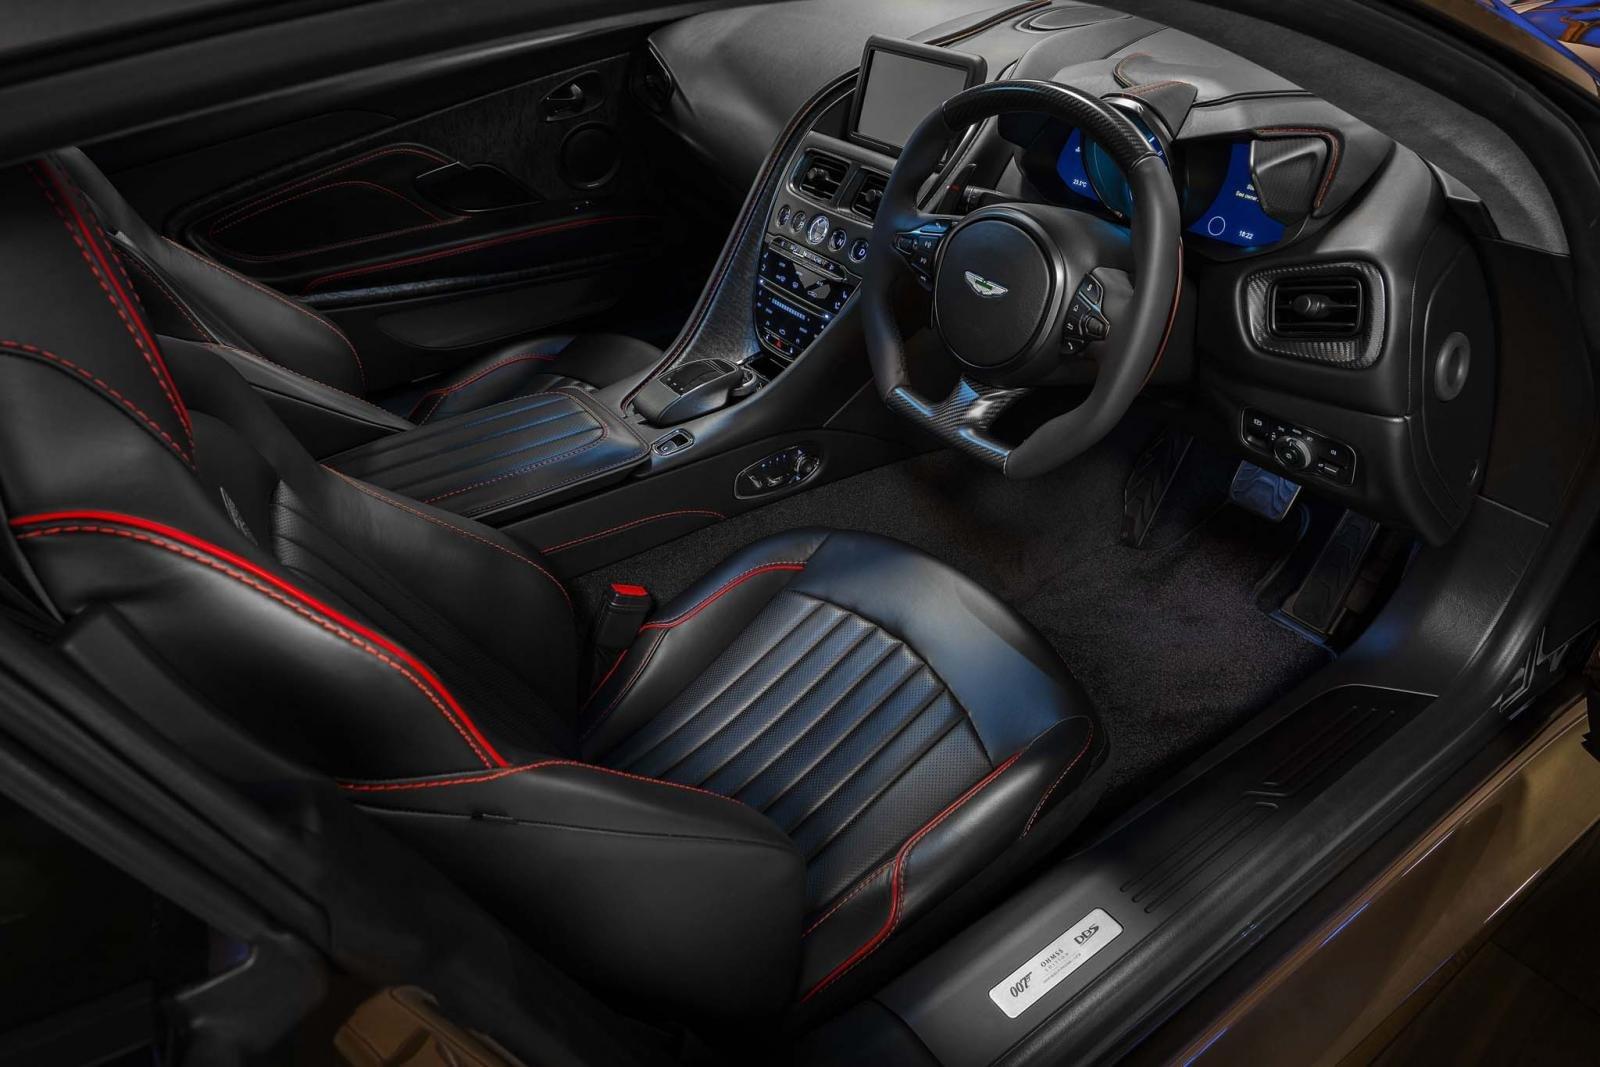 Aston Martin DBS Superleggera ''OHMSS 007 Edition'': Siêu xe lấy cảm hứng từ phim điệp viên 007 a5